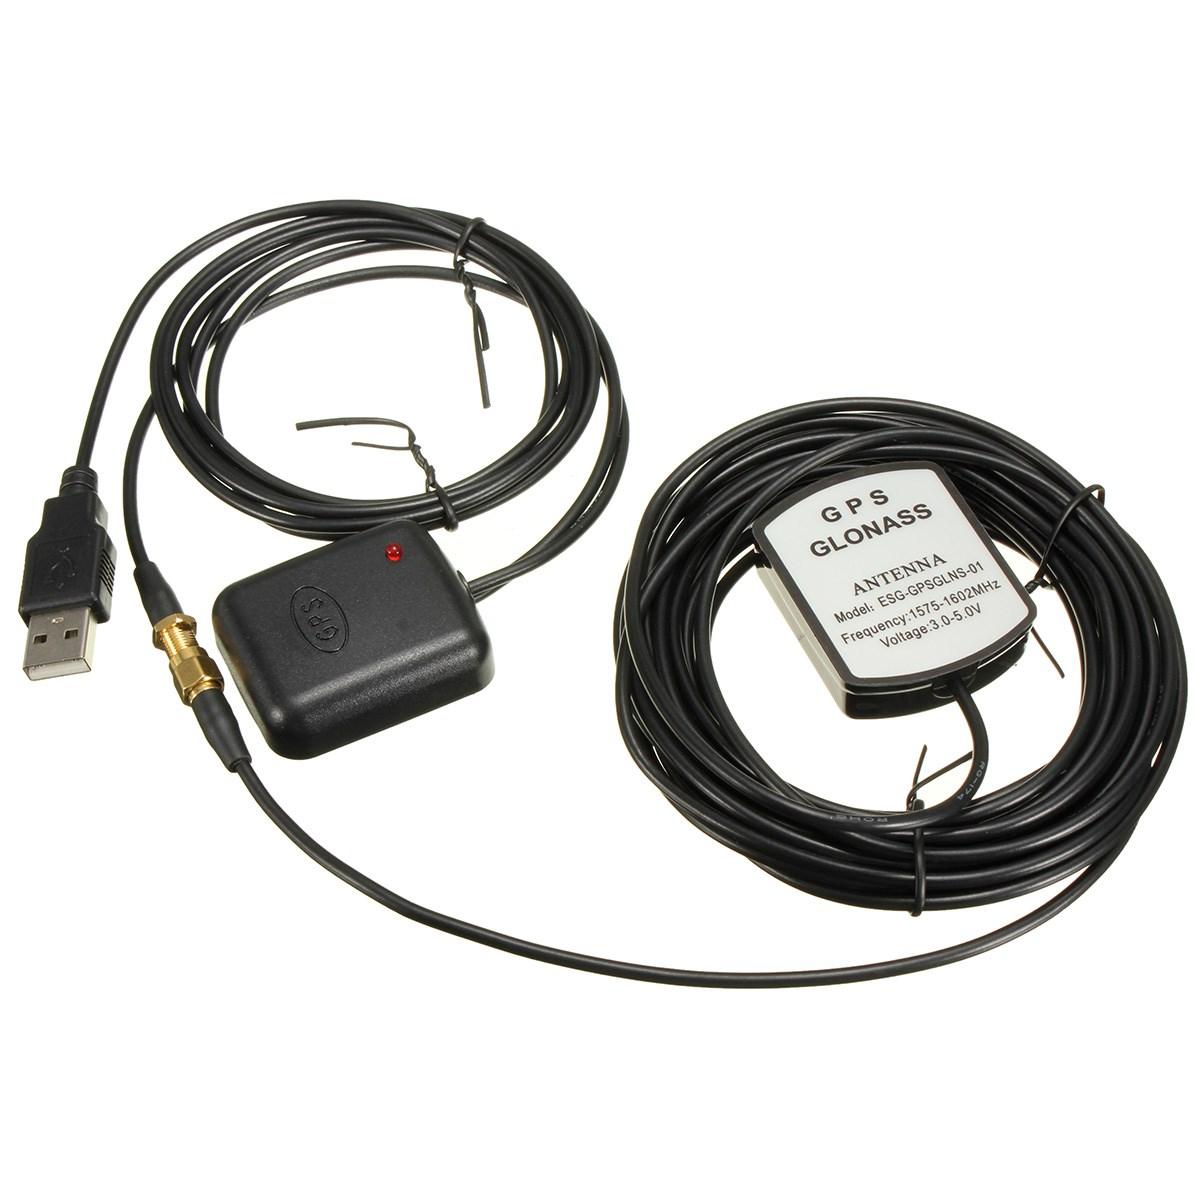 Gps антенна повторитель сигнала усилитель приемник активных за автомобильный телефон навигации